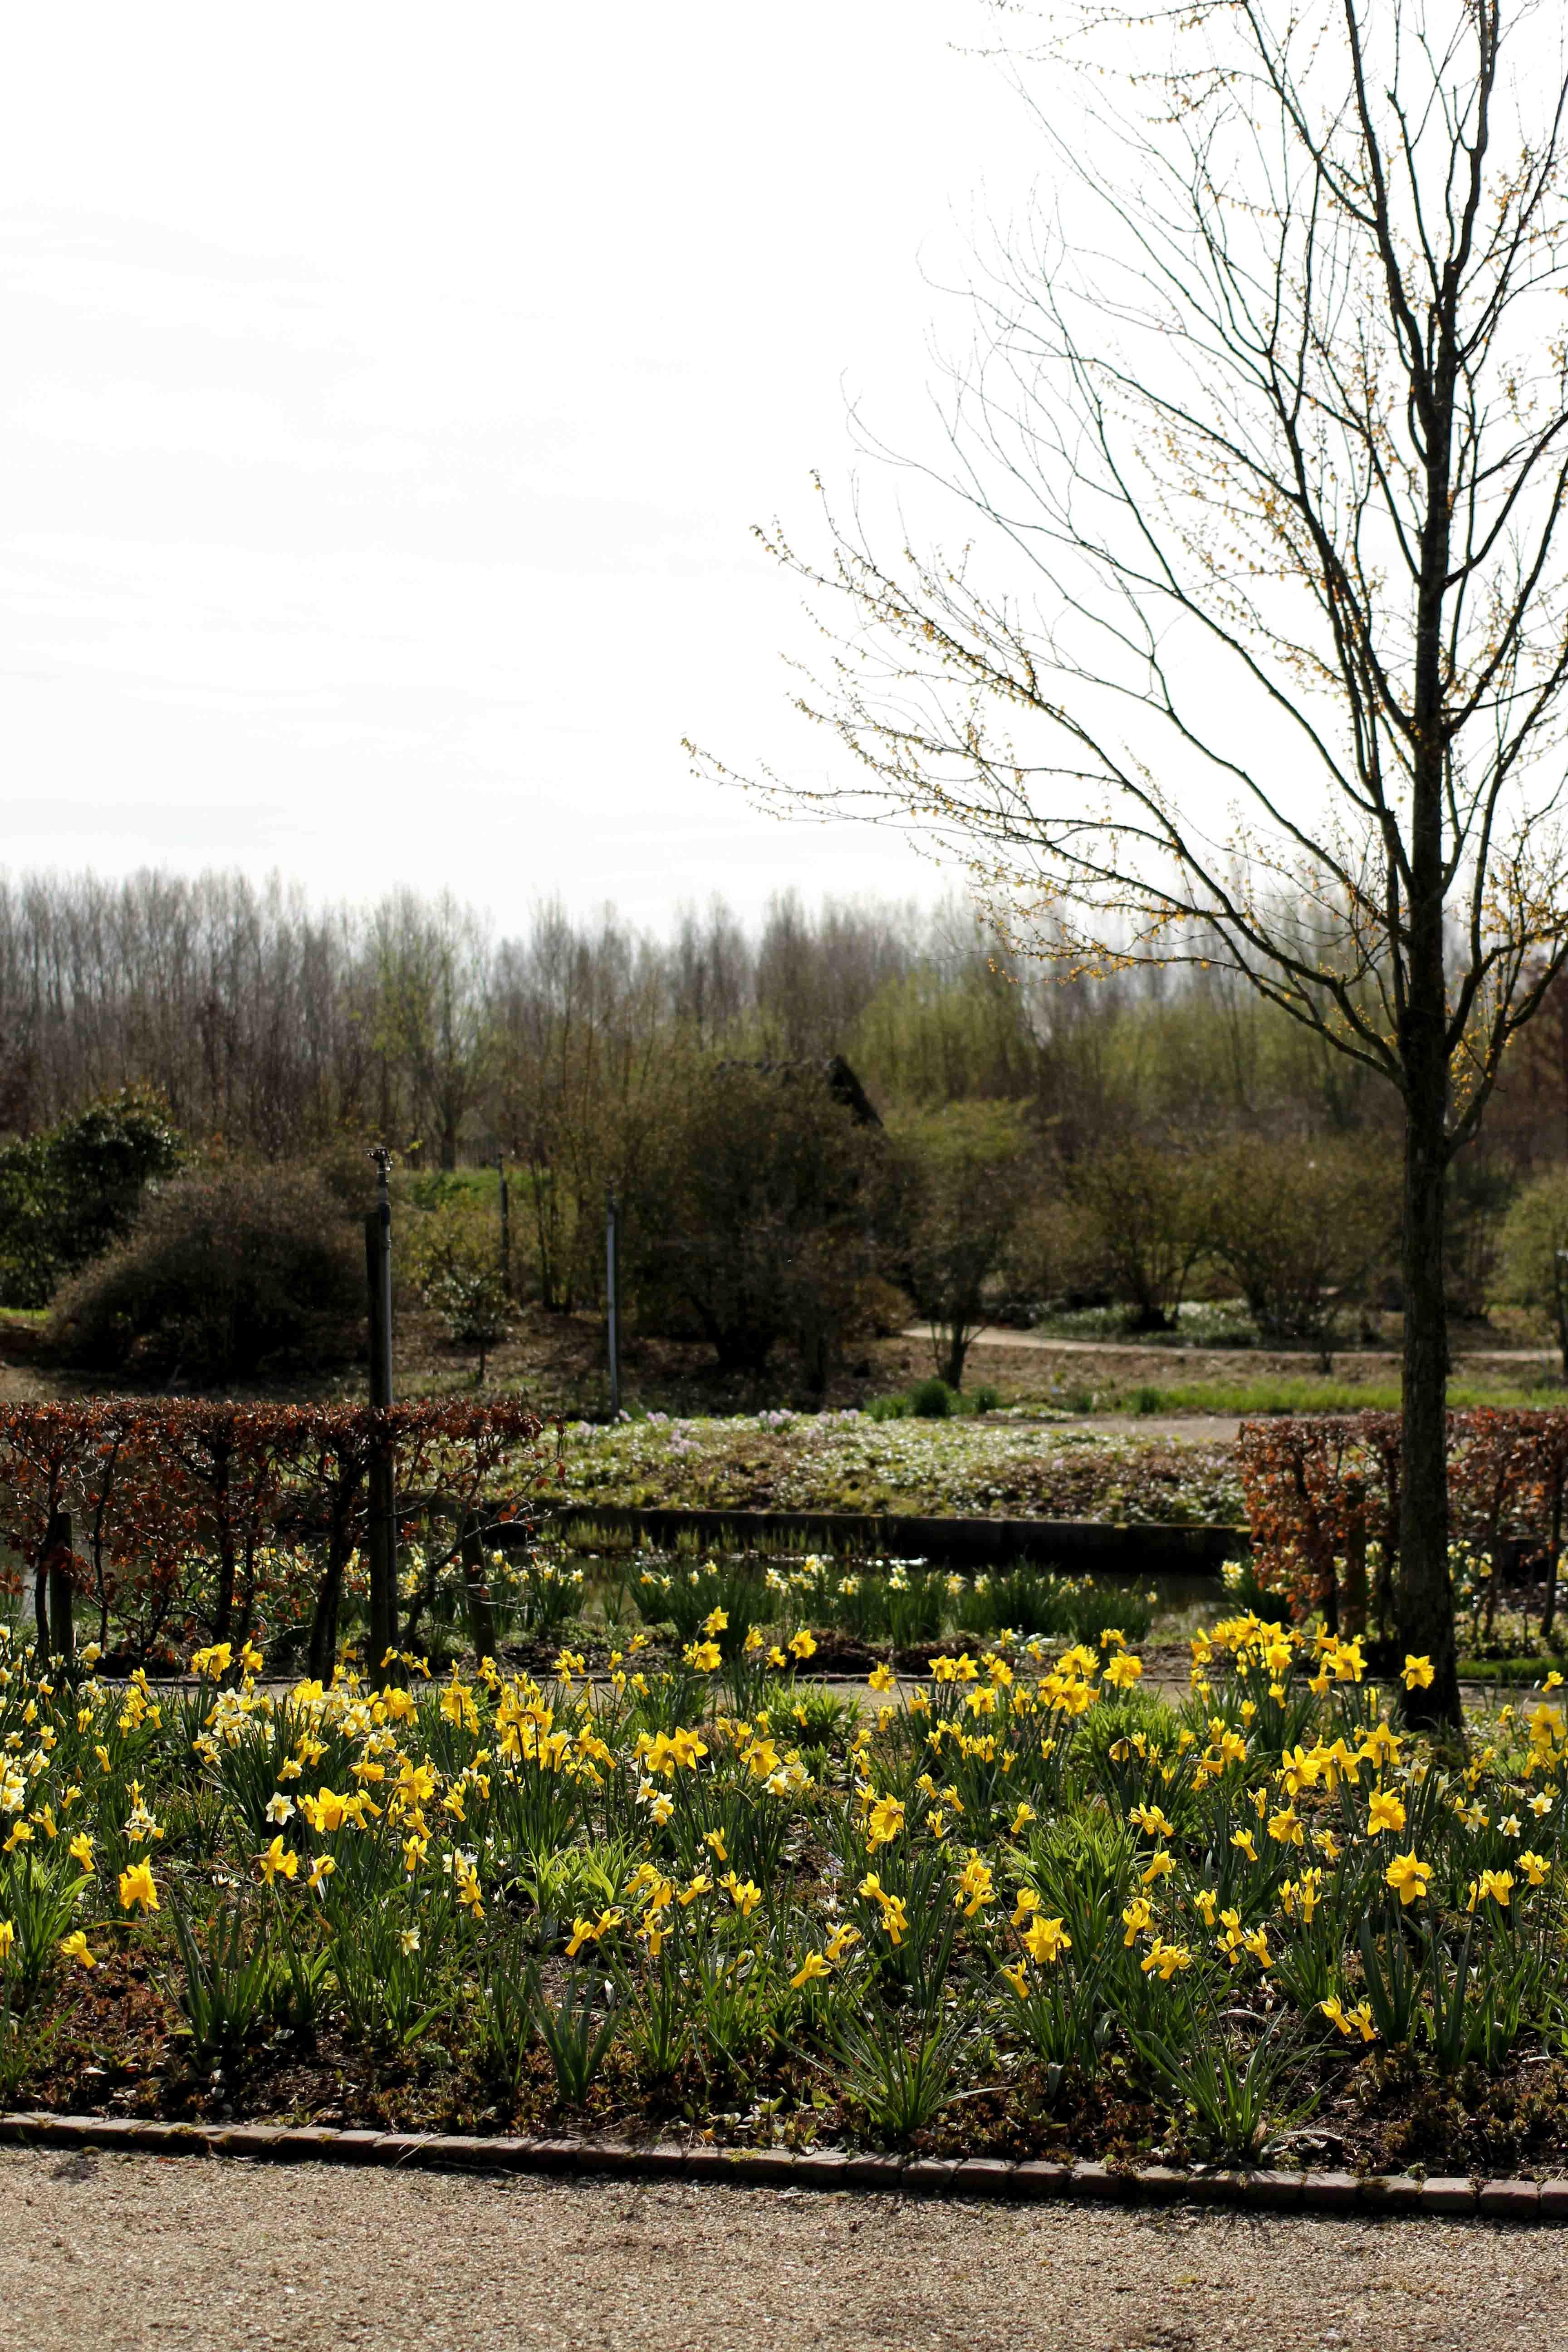 die Gärten von Appeltern Holland Wochenendtrip Tuinen van Appeltern das andere Holland Reiseblog Ausflug Deutschland Blumen